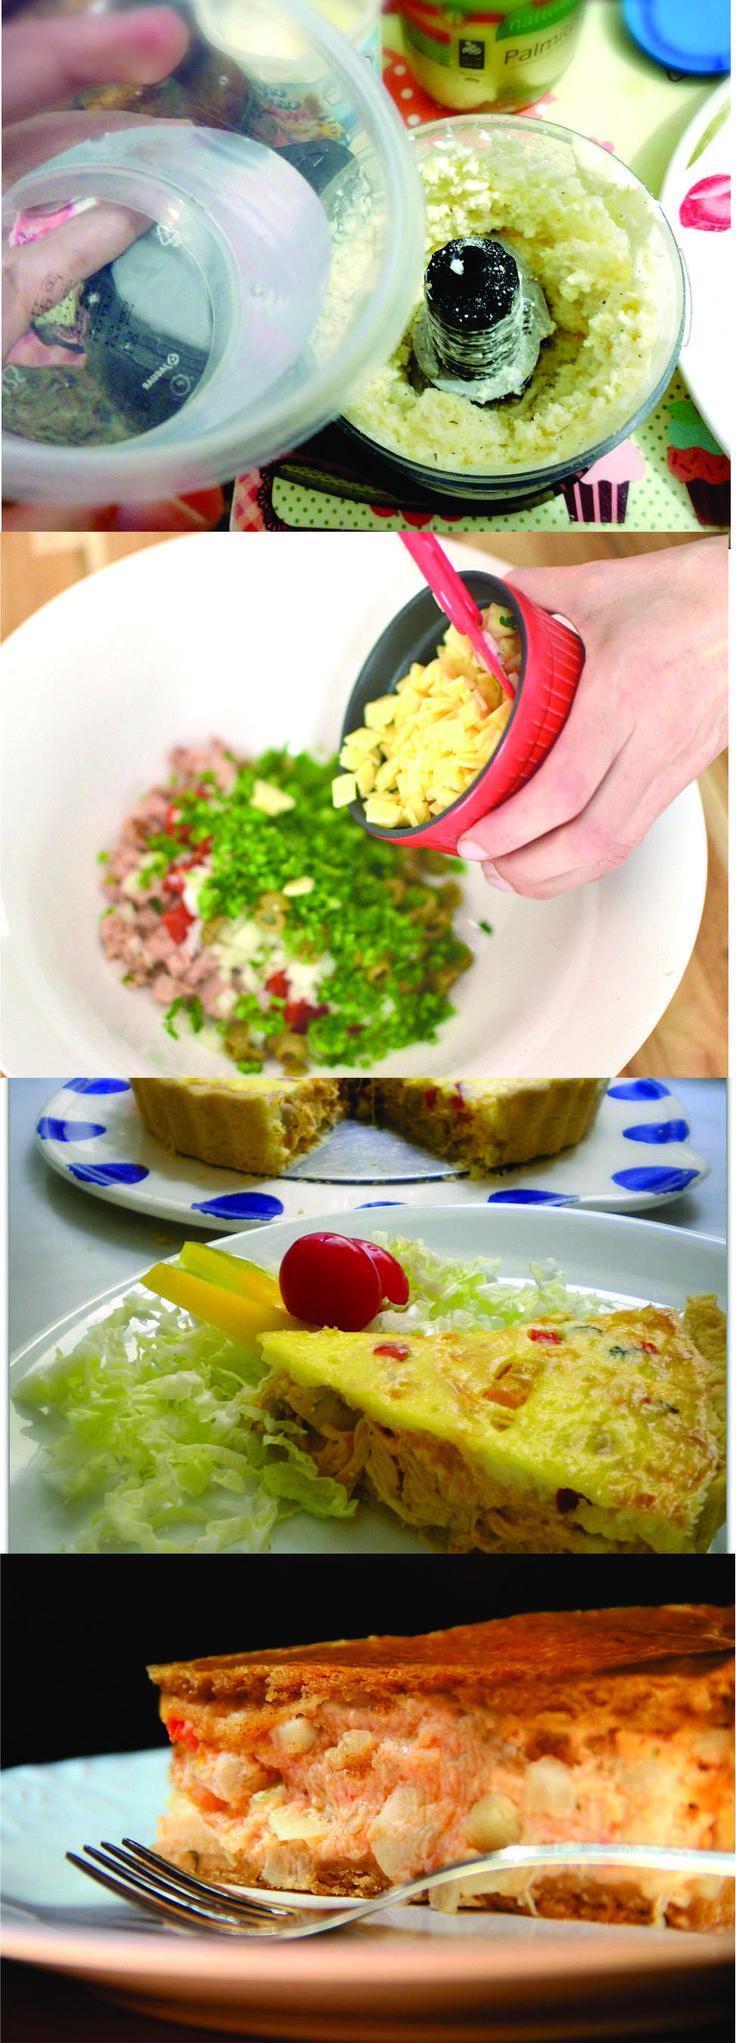 Torta de palmito pupunha com requeijão  Coloque na batedeira a margarina e bata na velocidade lenta usando o globo. Acrescente o sal e aos poucos os ovos batidos. Adicione creme de leite e bata até montar um creme.